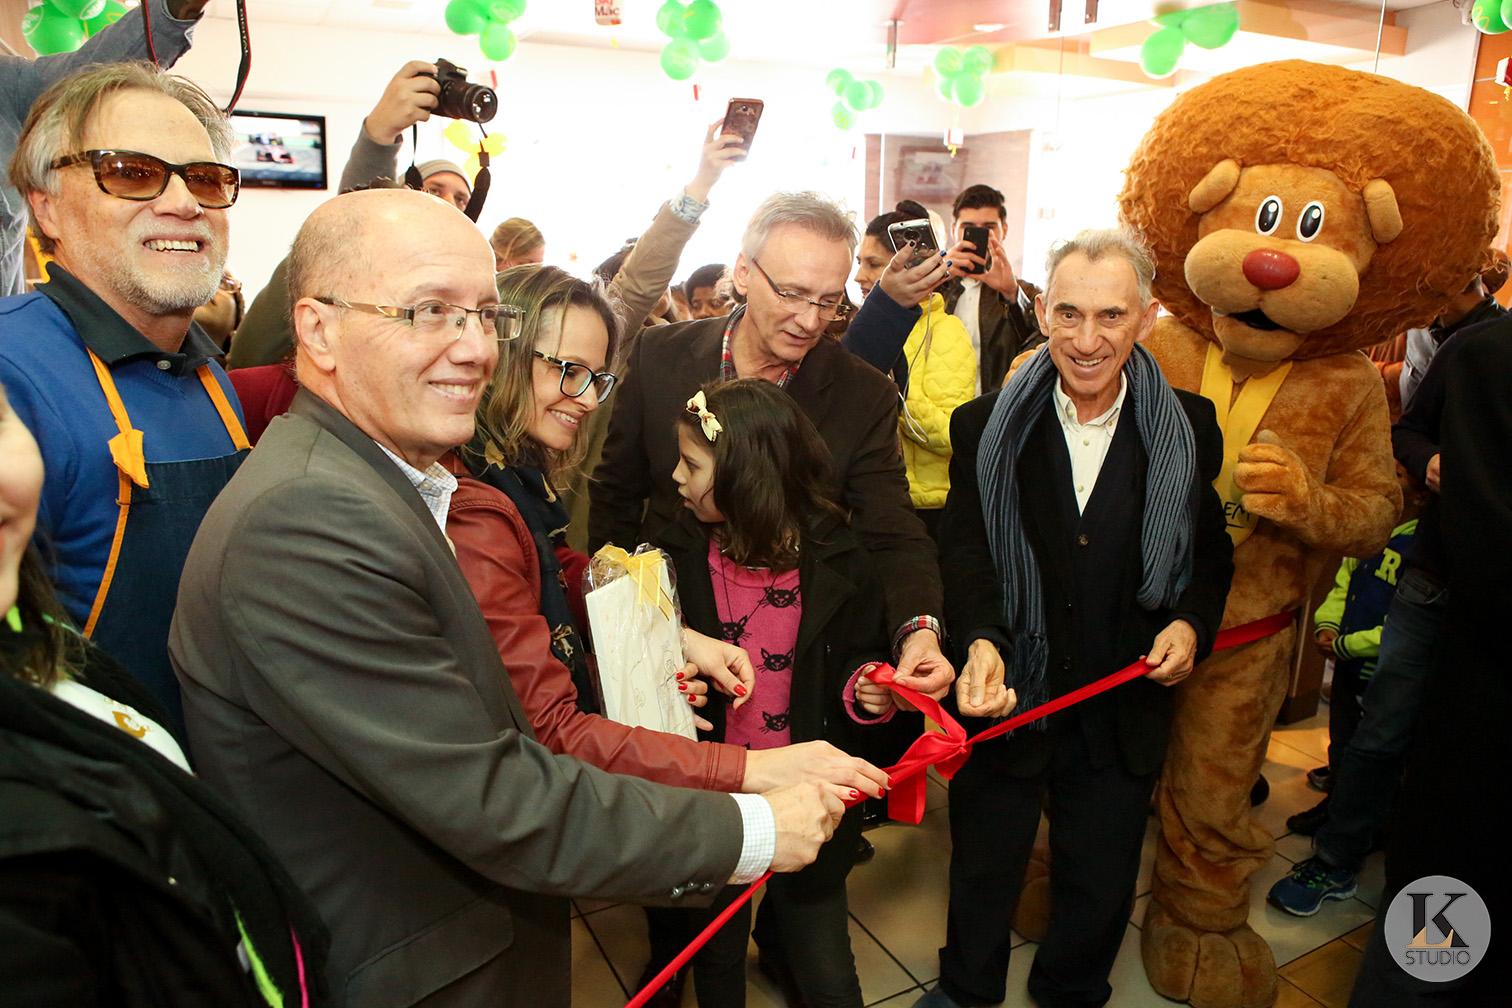 Sábado tem McDia Feliz, que beneficia o Instituto do Câncer Infantil. Mobilização ocorrerá em 33 lojas de 11 cidades do Rio Grande do Sul